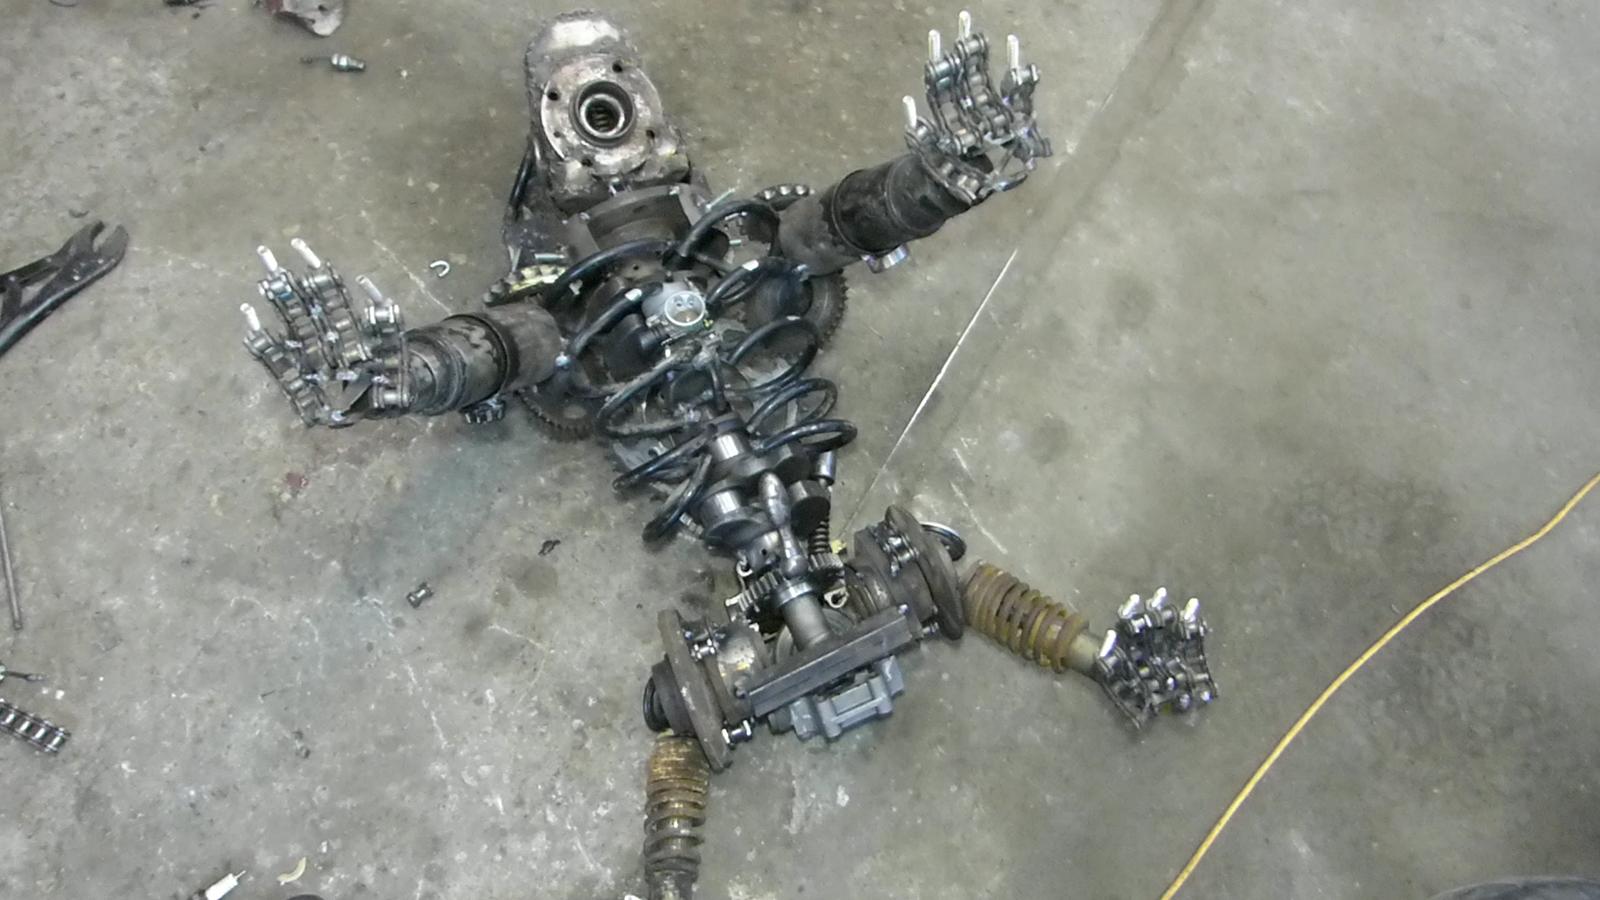 Бульдог из металлолома Приварил, пошла, чтобы, обрезки, очень, мотоцикла, сделано, пружину, челюсь, пружины, только, размера, использовать, сообщества, минимальным, будут, часть, голову, приварил, ребра